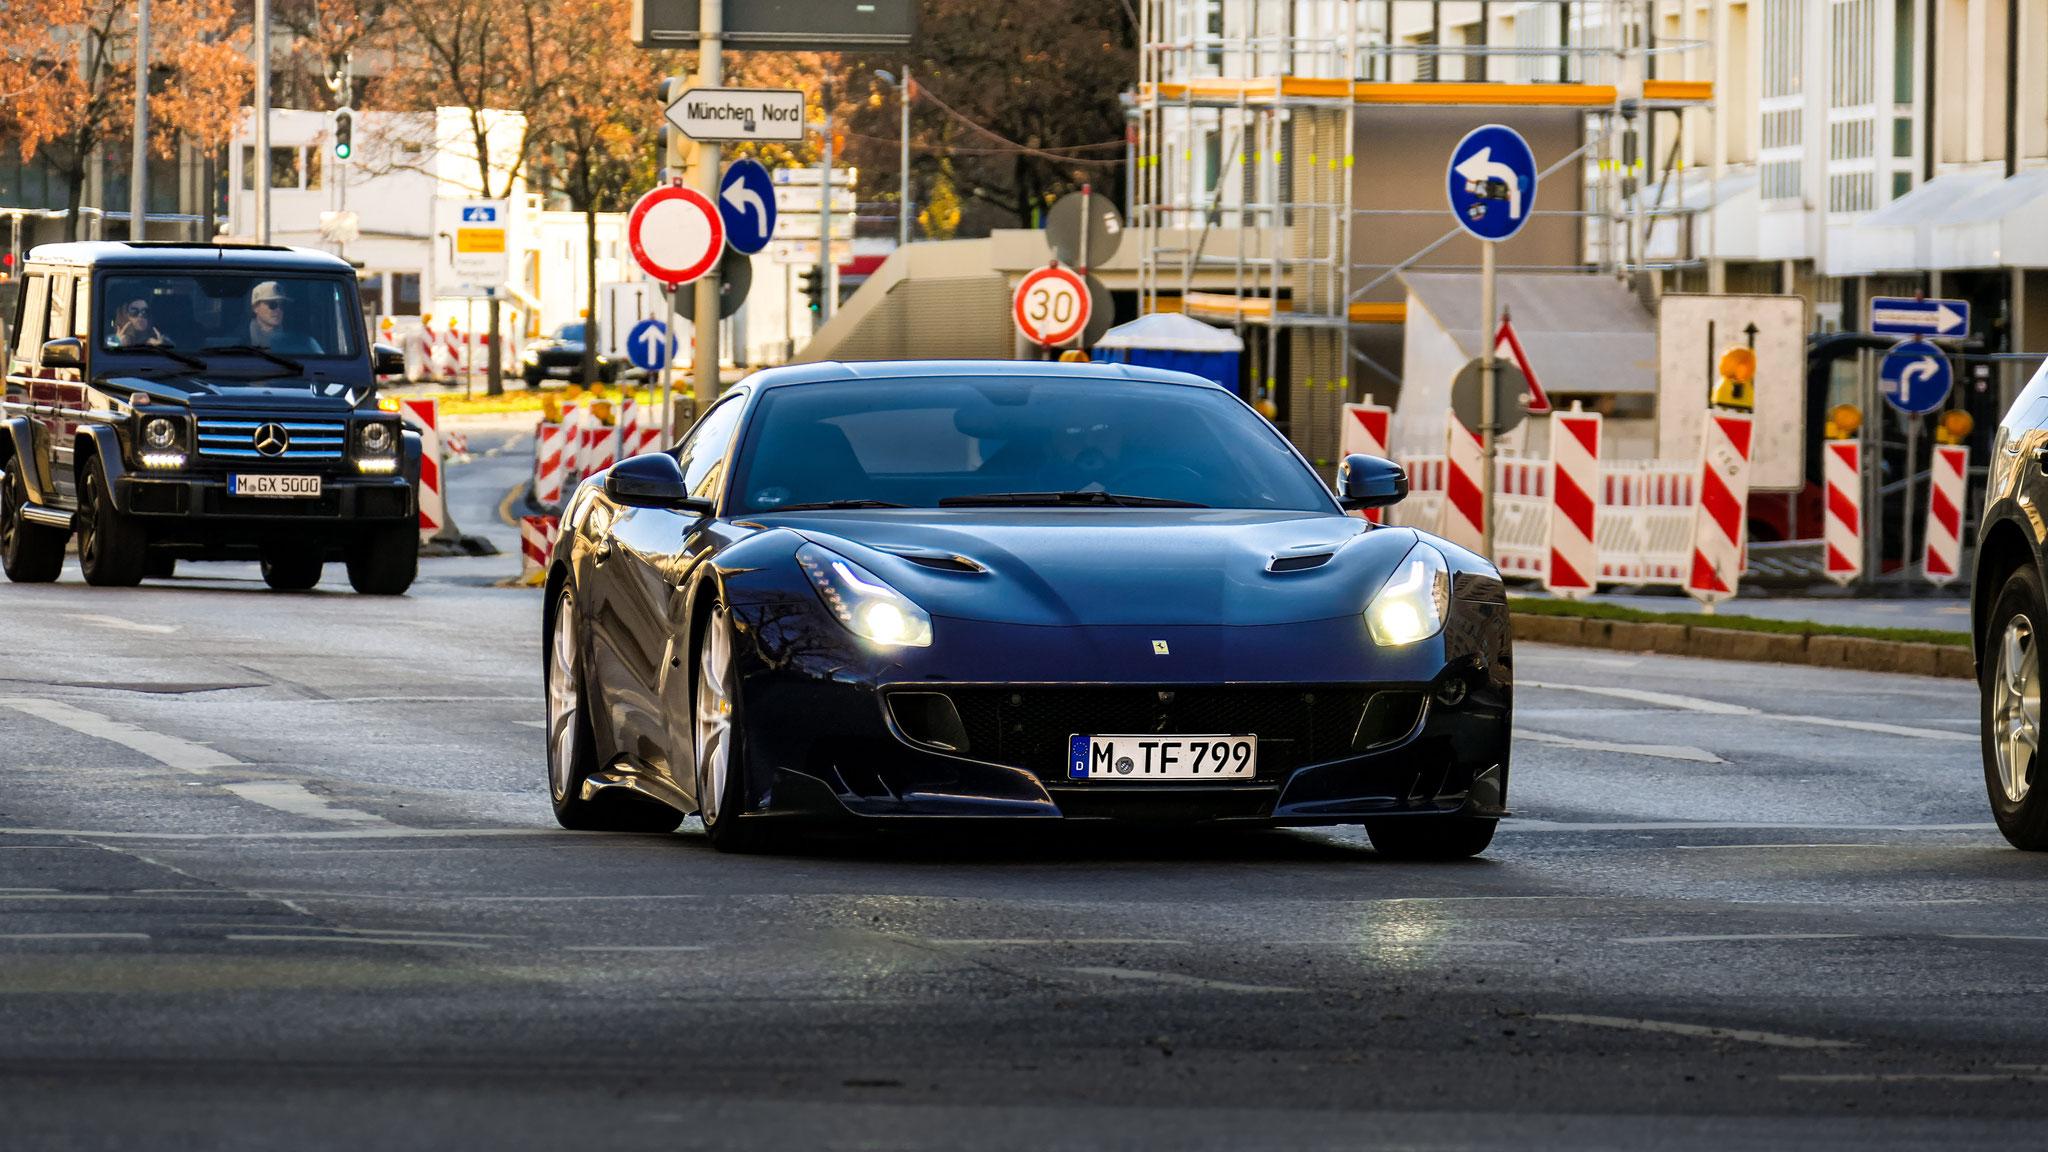 Ferrari F12 TDF - M-TF-799